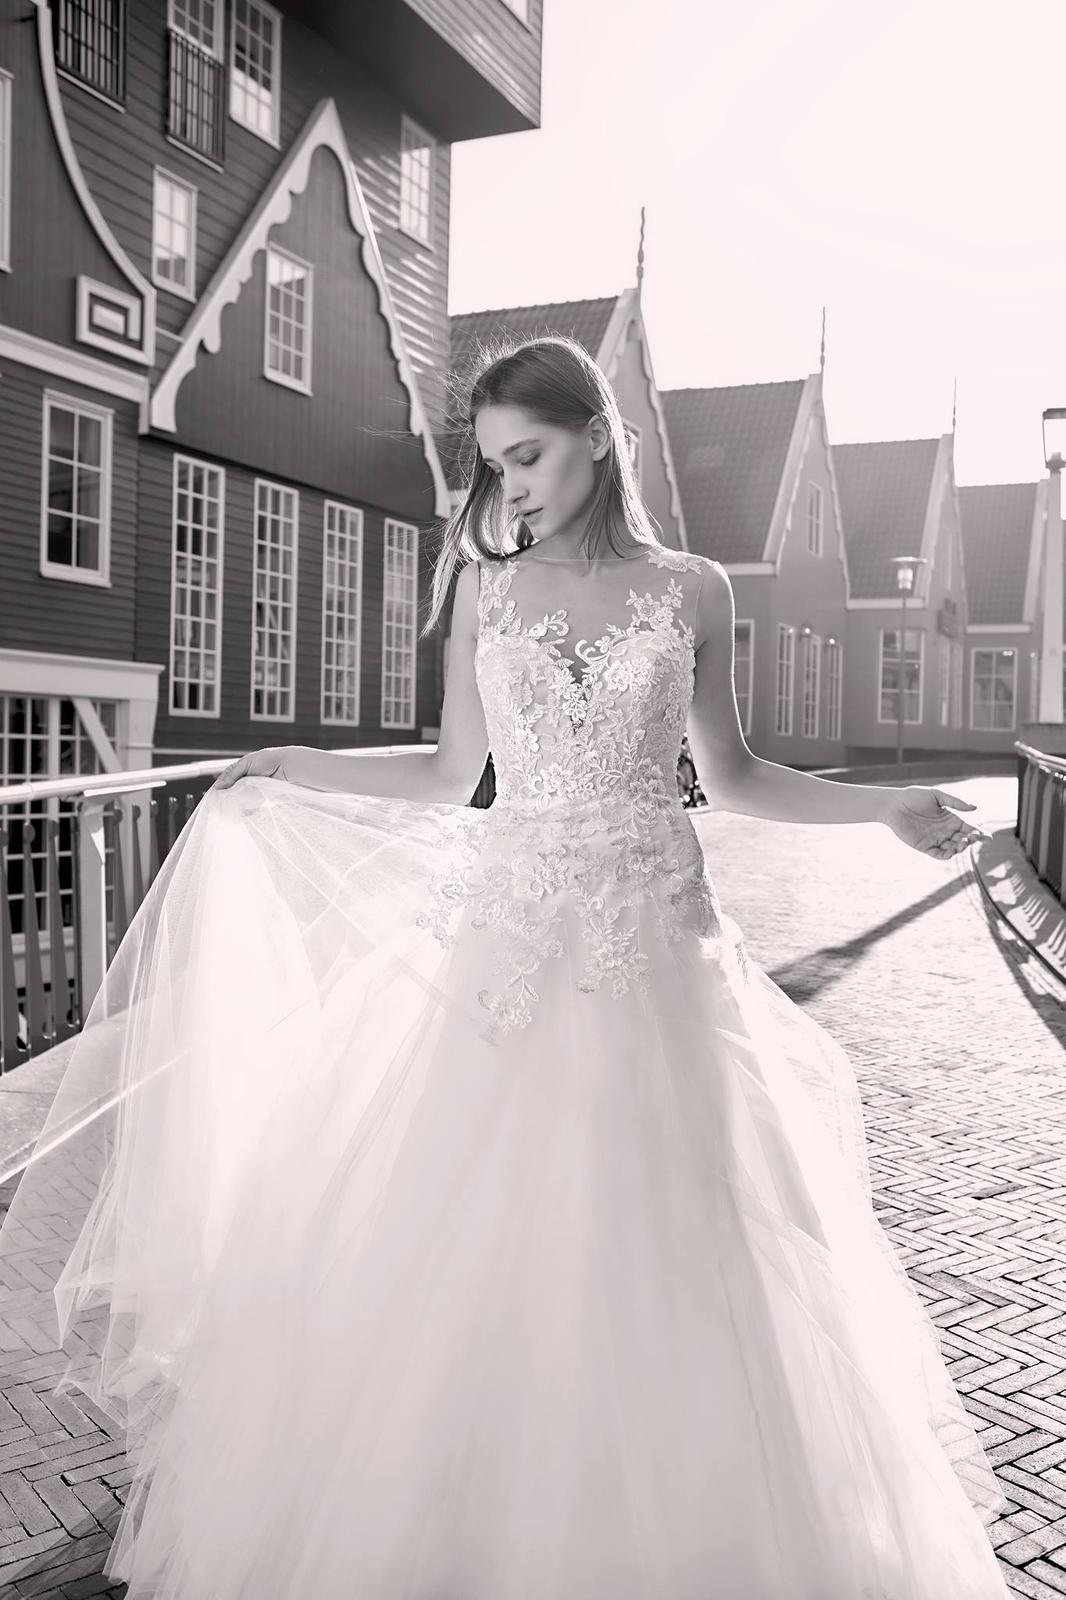 Milé nevěsty, kolekce Modeca 2018 na Vás již čeká! - Obrázek č. 23